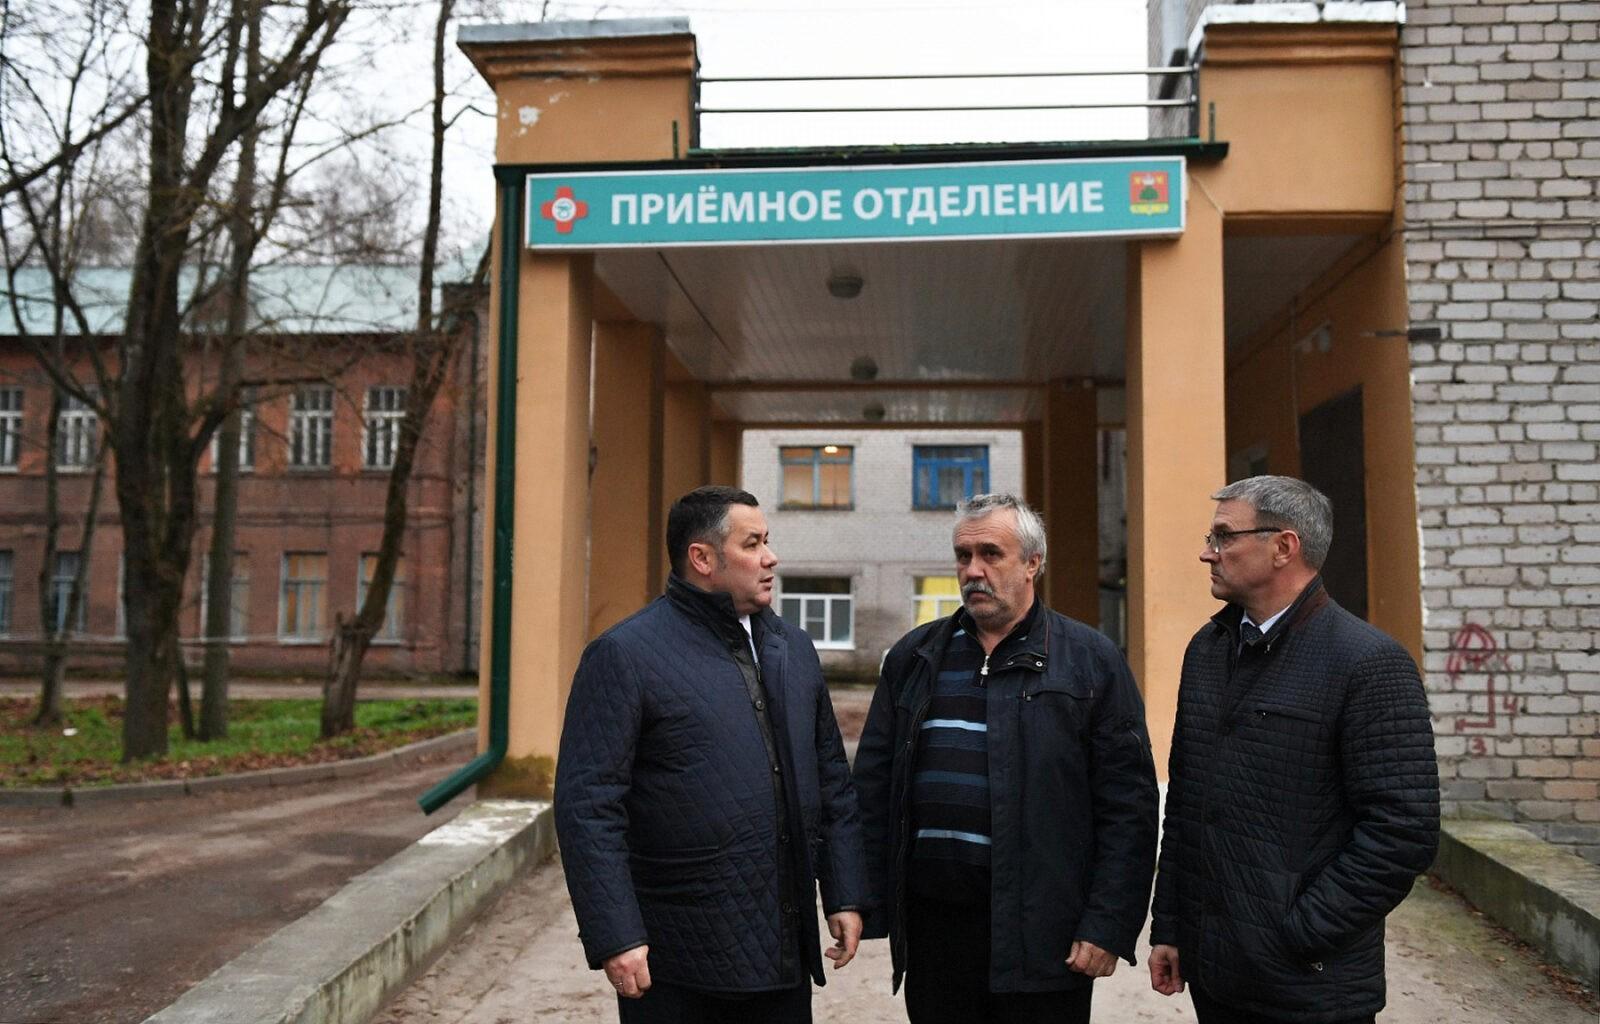 Под личным контролем: Игорь Руденя проверил ход работ по восстановлению электроснабжения в Бежецке